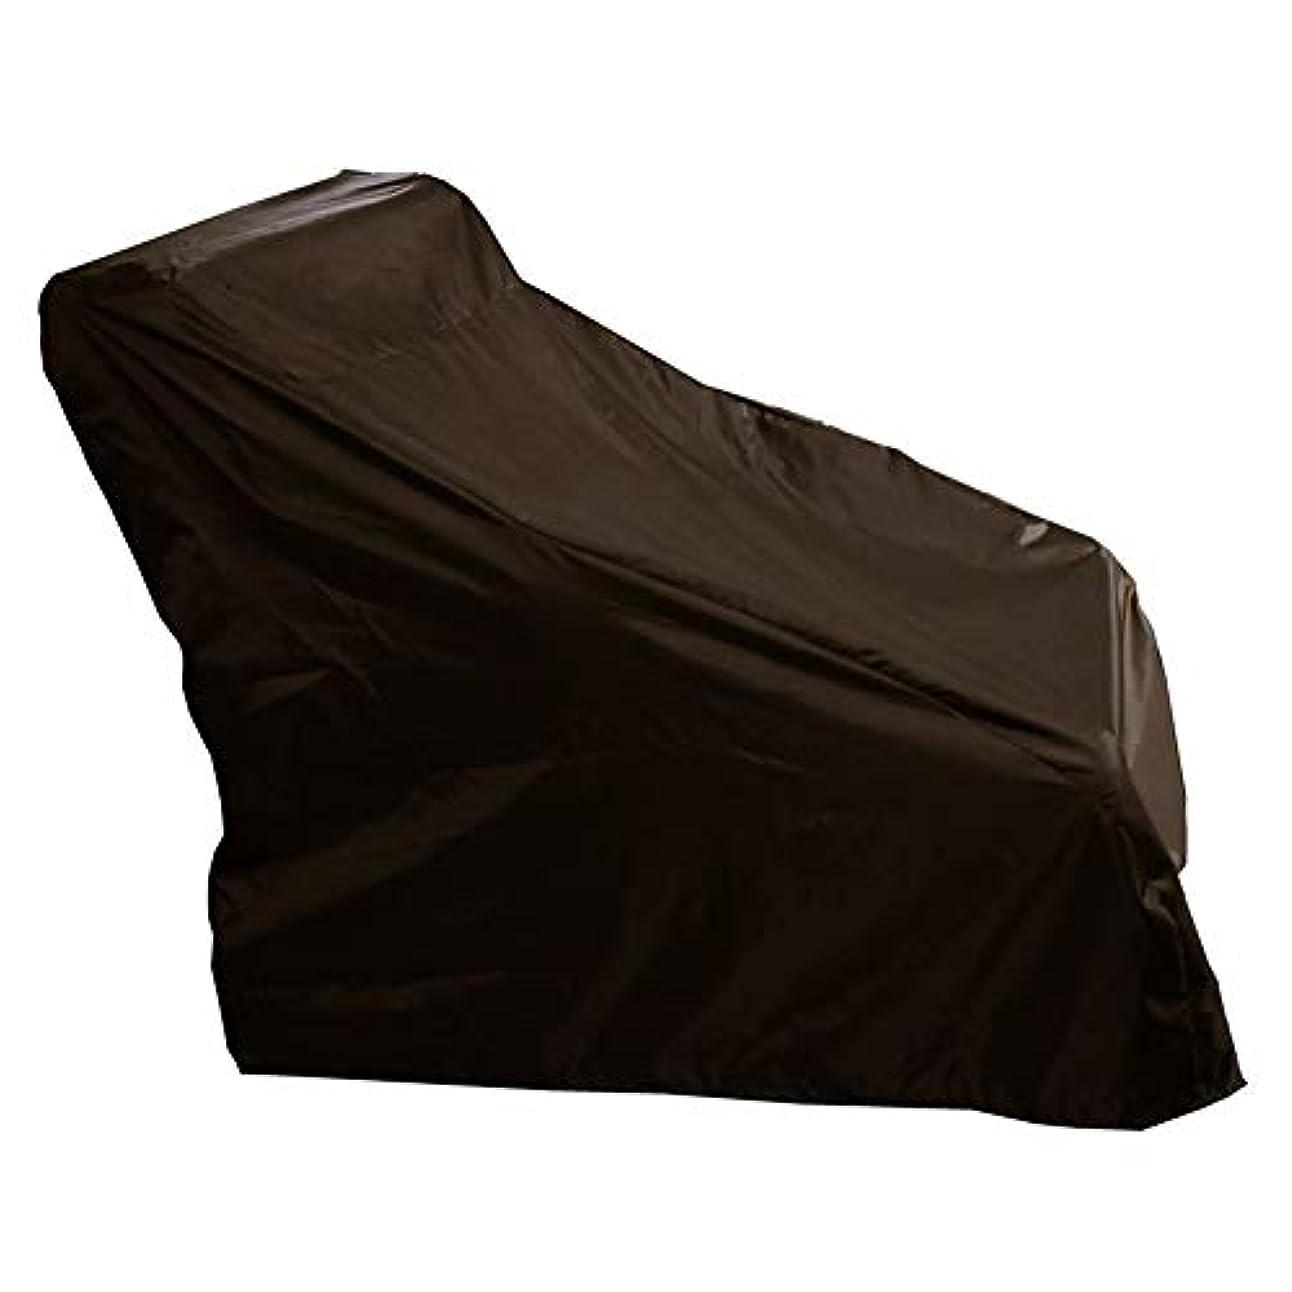 表面元気すべてZHANWEI ターポリンタープ カバー マッサージチェア ダストカバー 防水 ポリエステル布 ターポリン、 2色、 2サイズ (色 : Brown, サイズ さいず : 135x90x130cm)